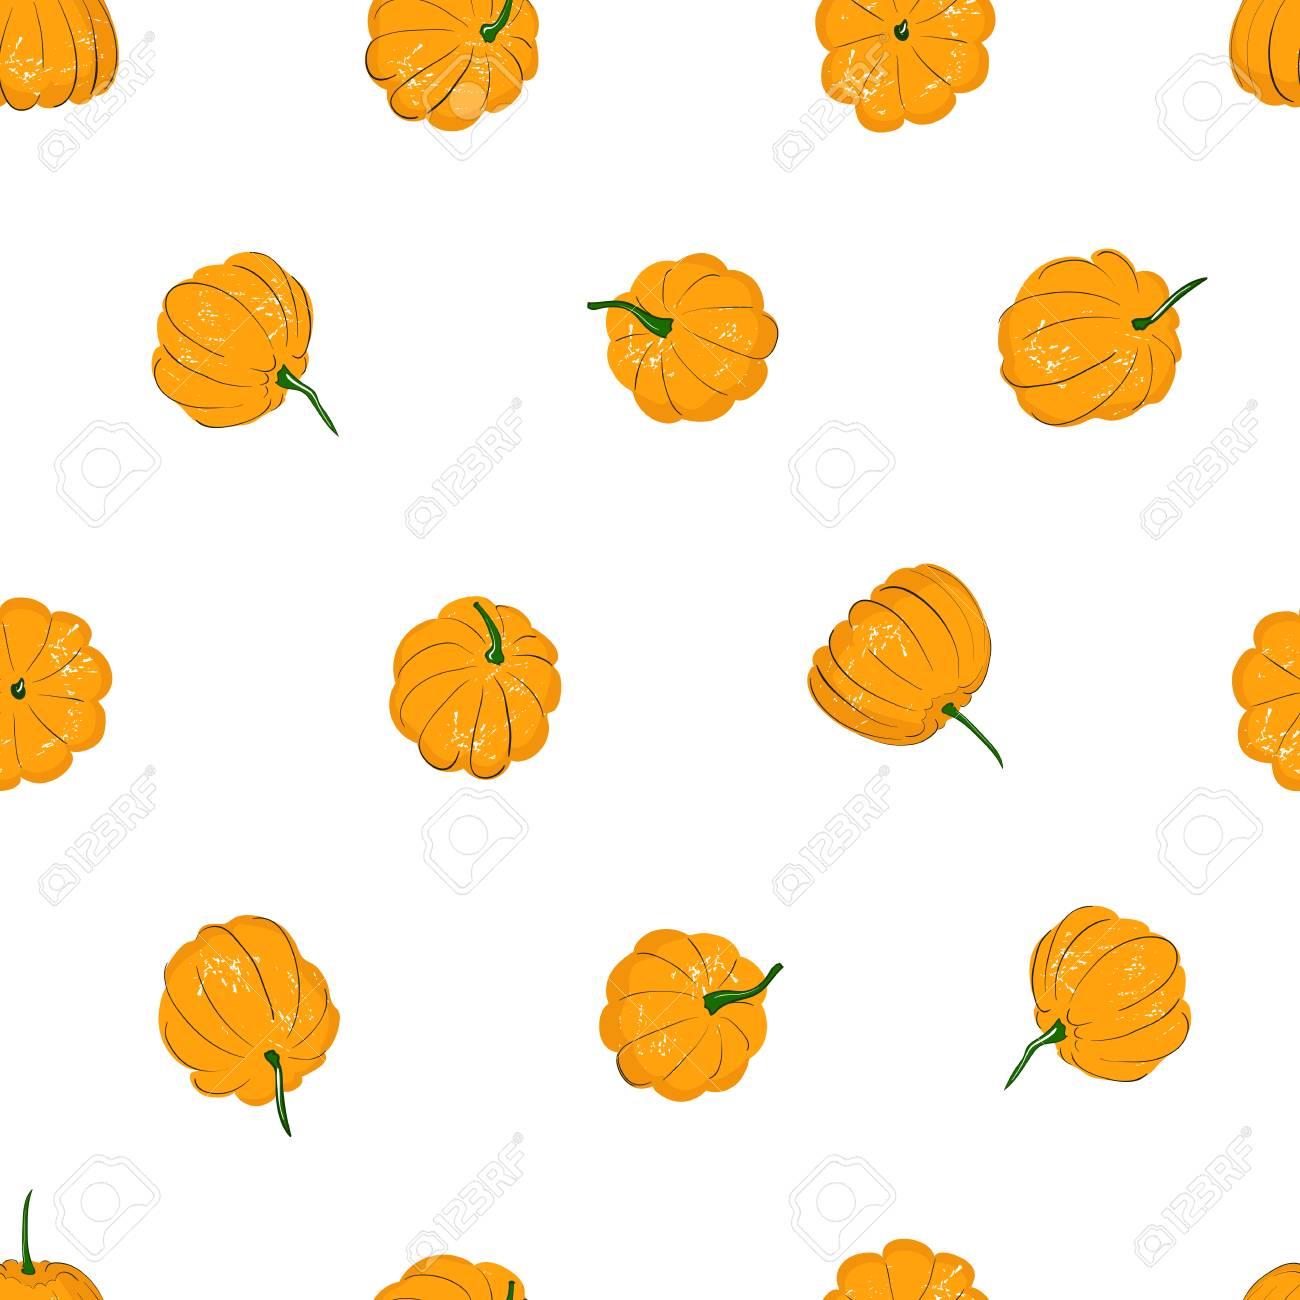 Cartoon Pumpkins Seamless Pattern Pumpkin From Different Sides